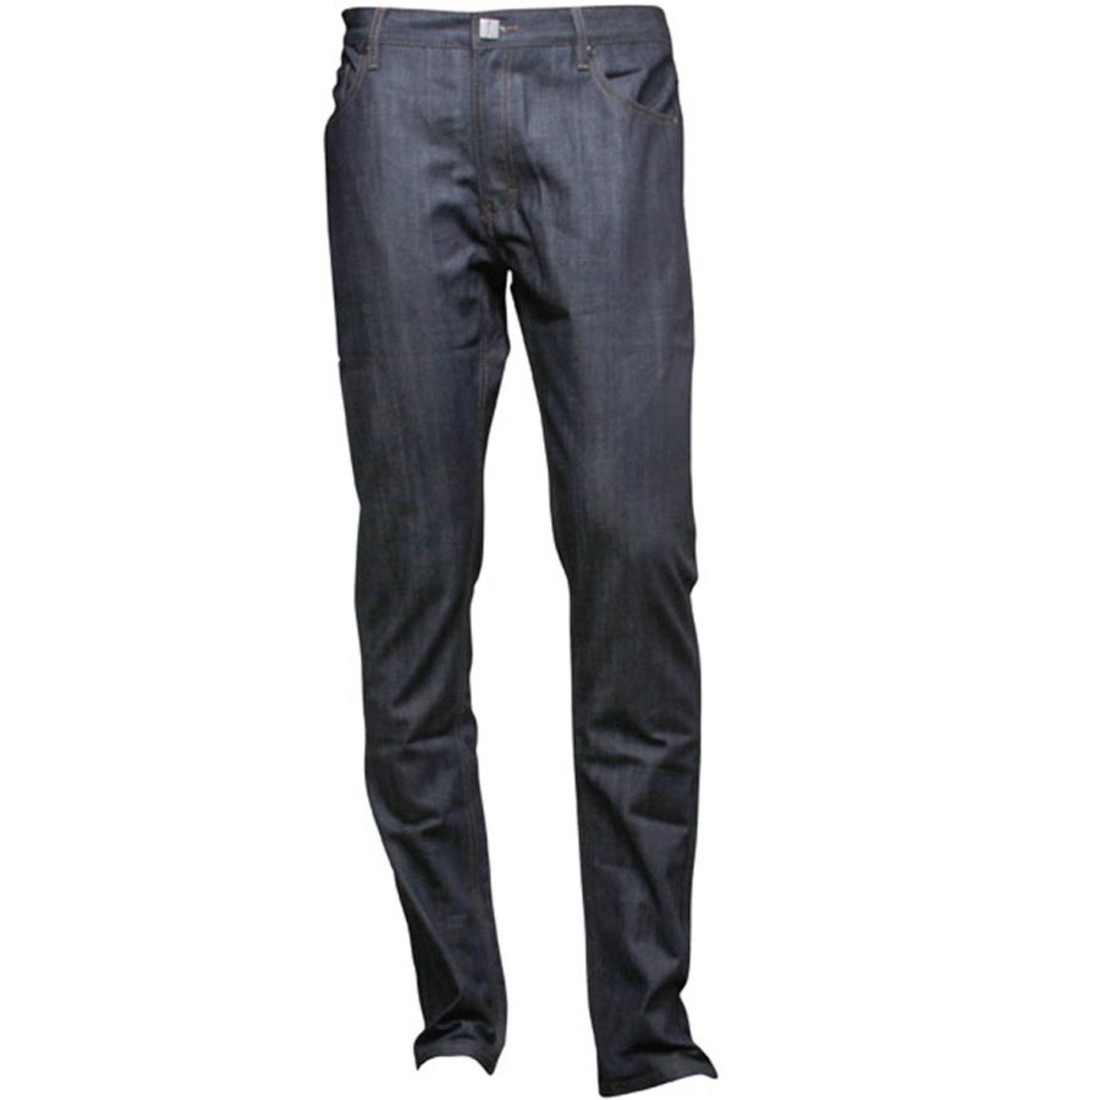 デニム 青 ブルー 【 BLUE AKOMPLICE DENIM REGULAR DARK 】 メンズファッション ズボン パンツ